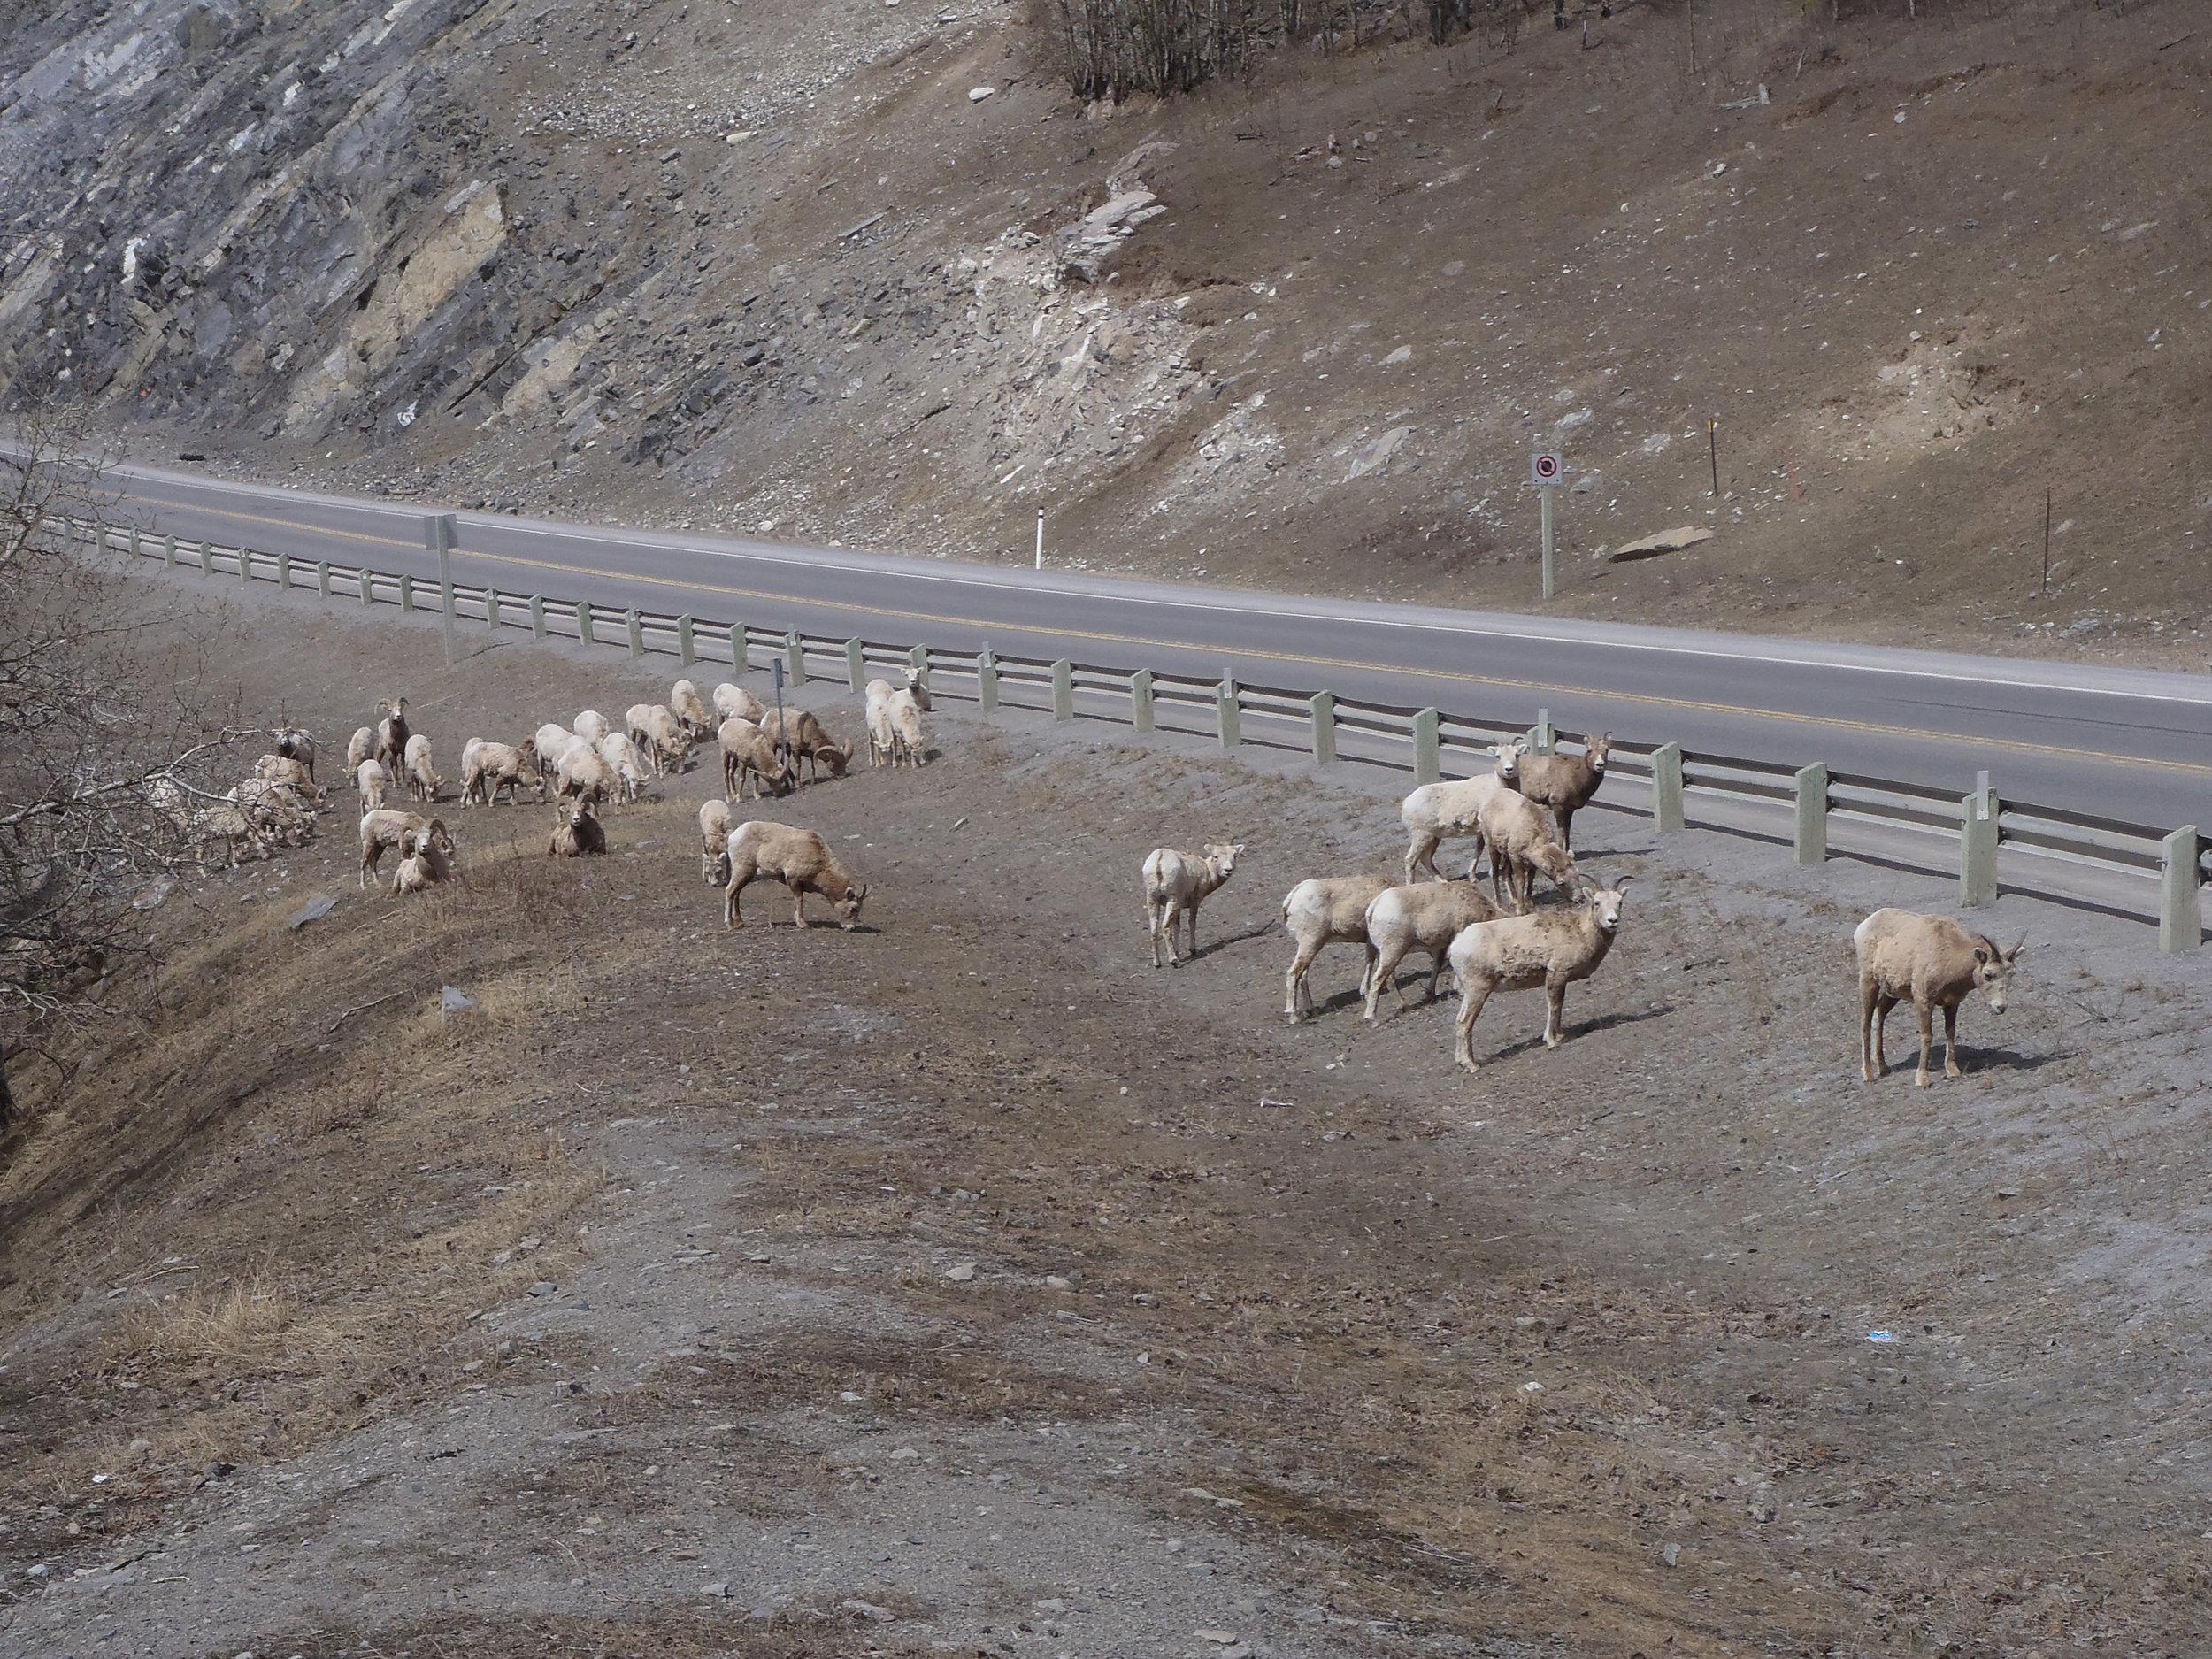 Sheep during a Banff adventure tour